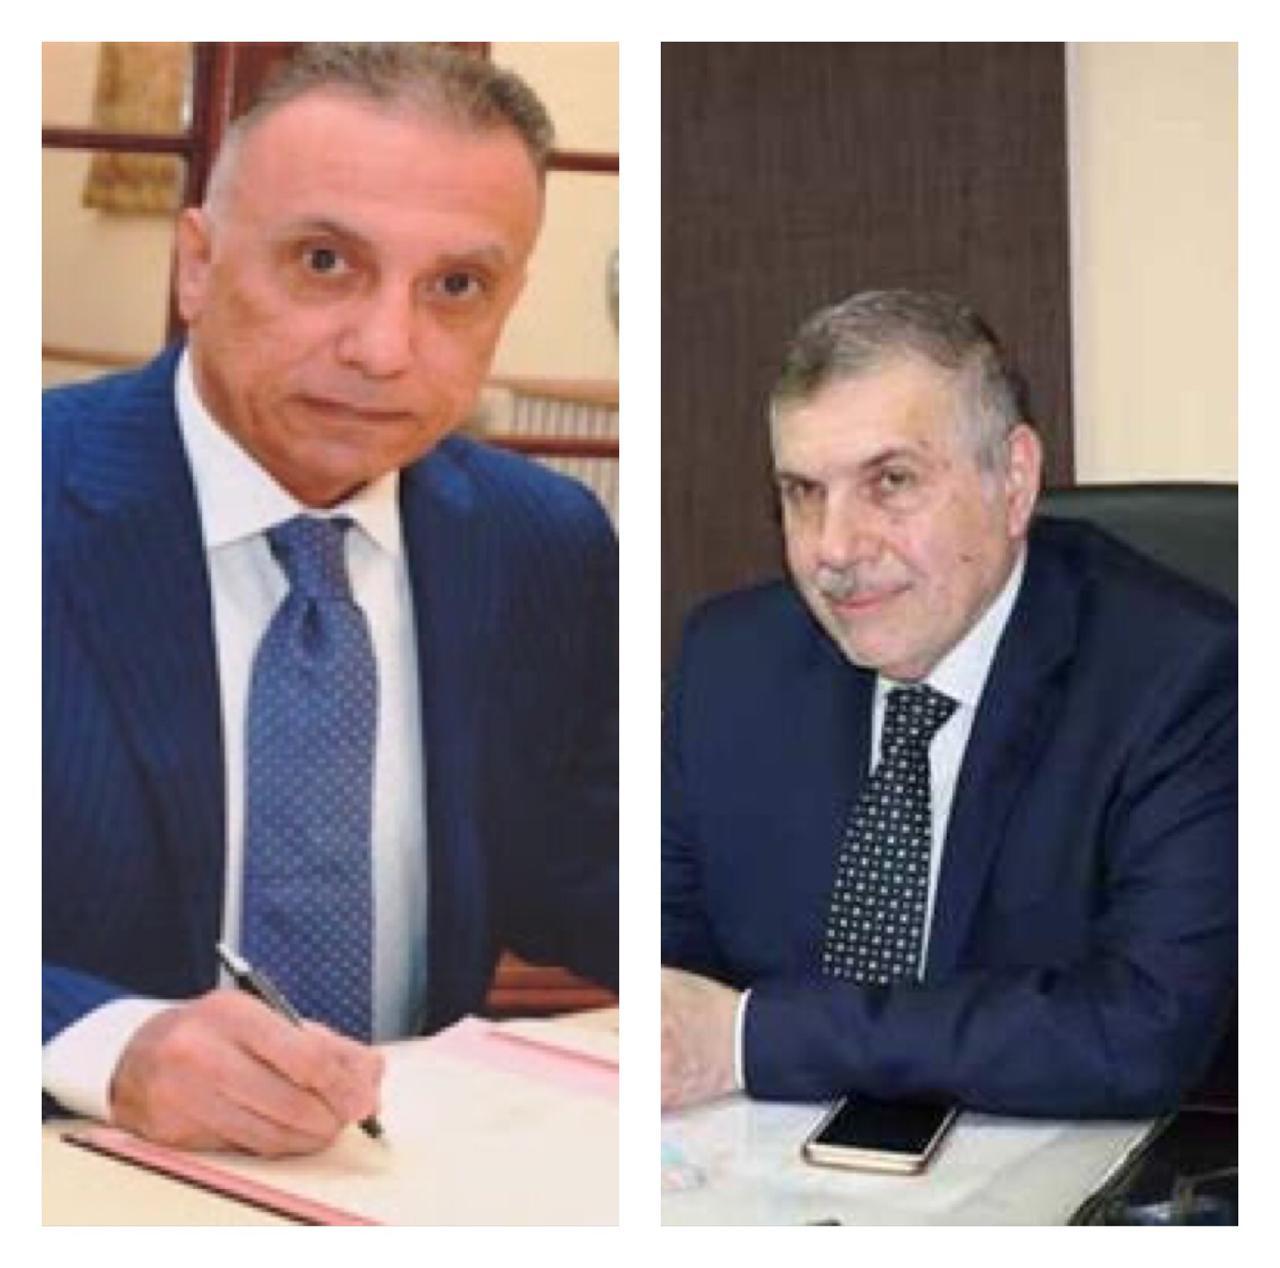 القوى السياسية العراقية تخوض حوارات لإيجاد بديل لعلاوي، فهل سيعود الكاظمي لواجهة التكليف؟